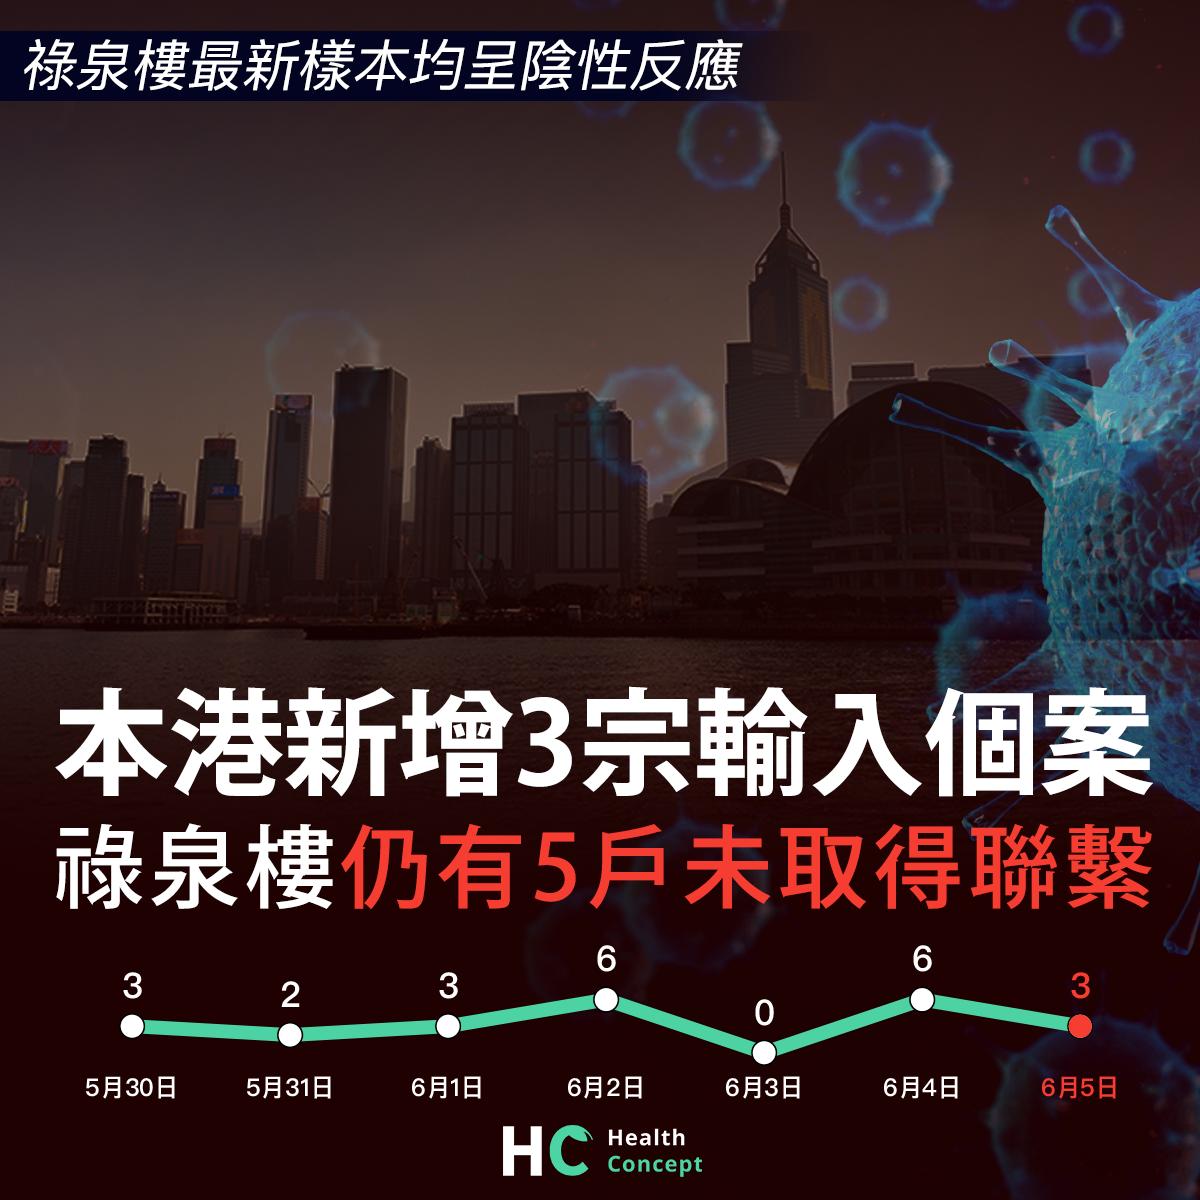 【#新型肺炎】本港新增3宗輸入個案 祿泉樓仍有5戶未取得聯繫